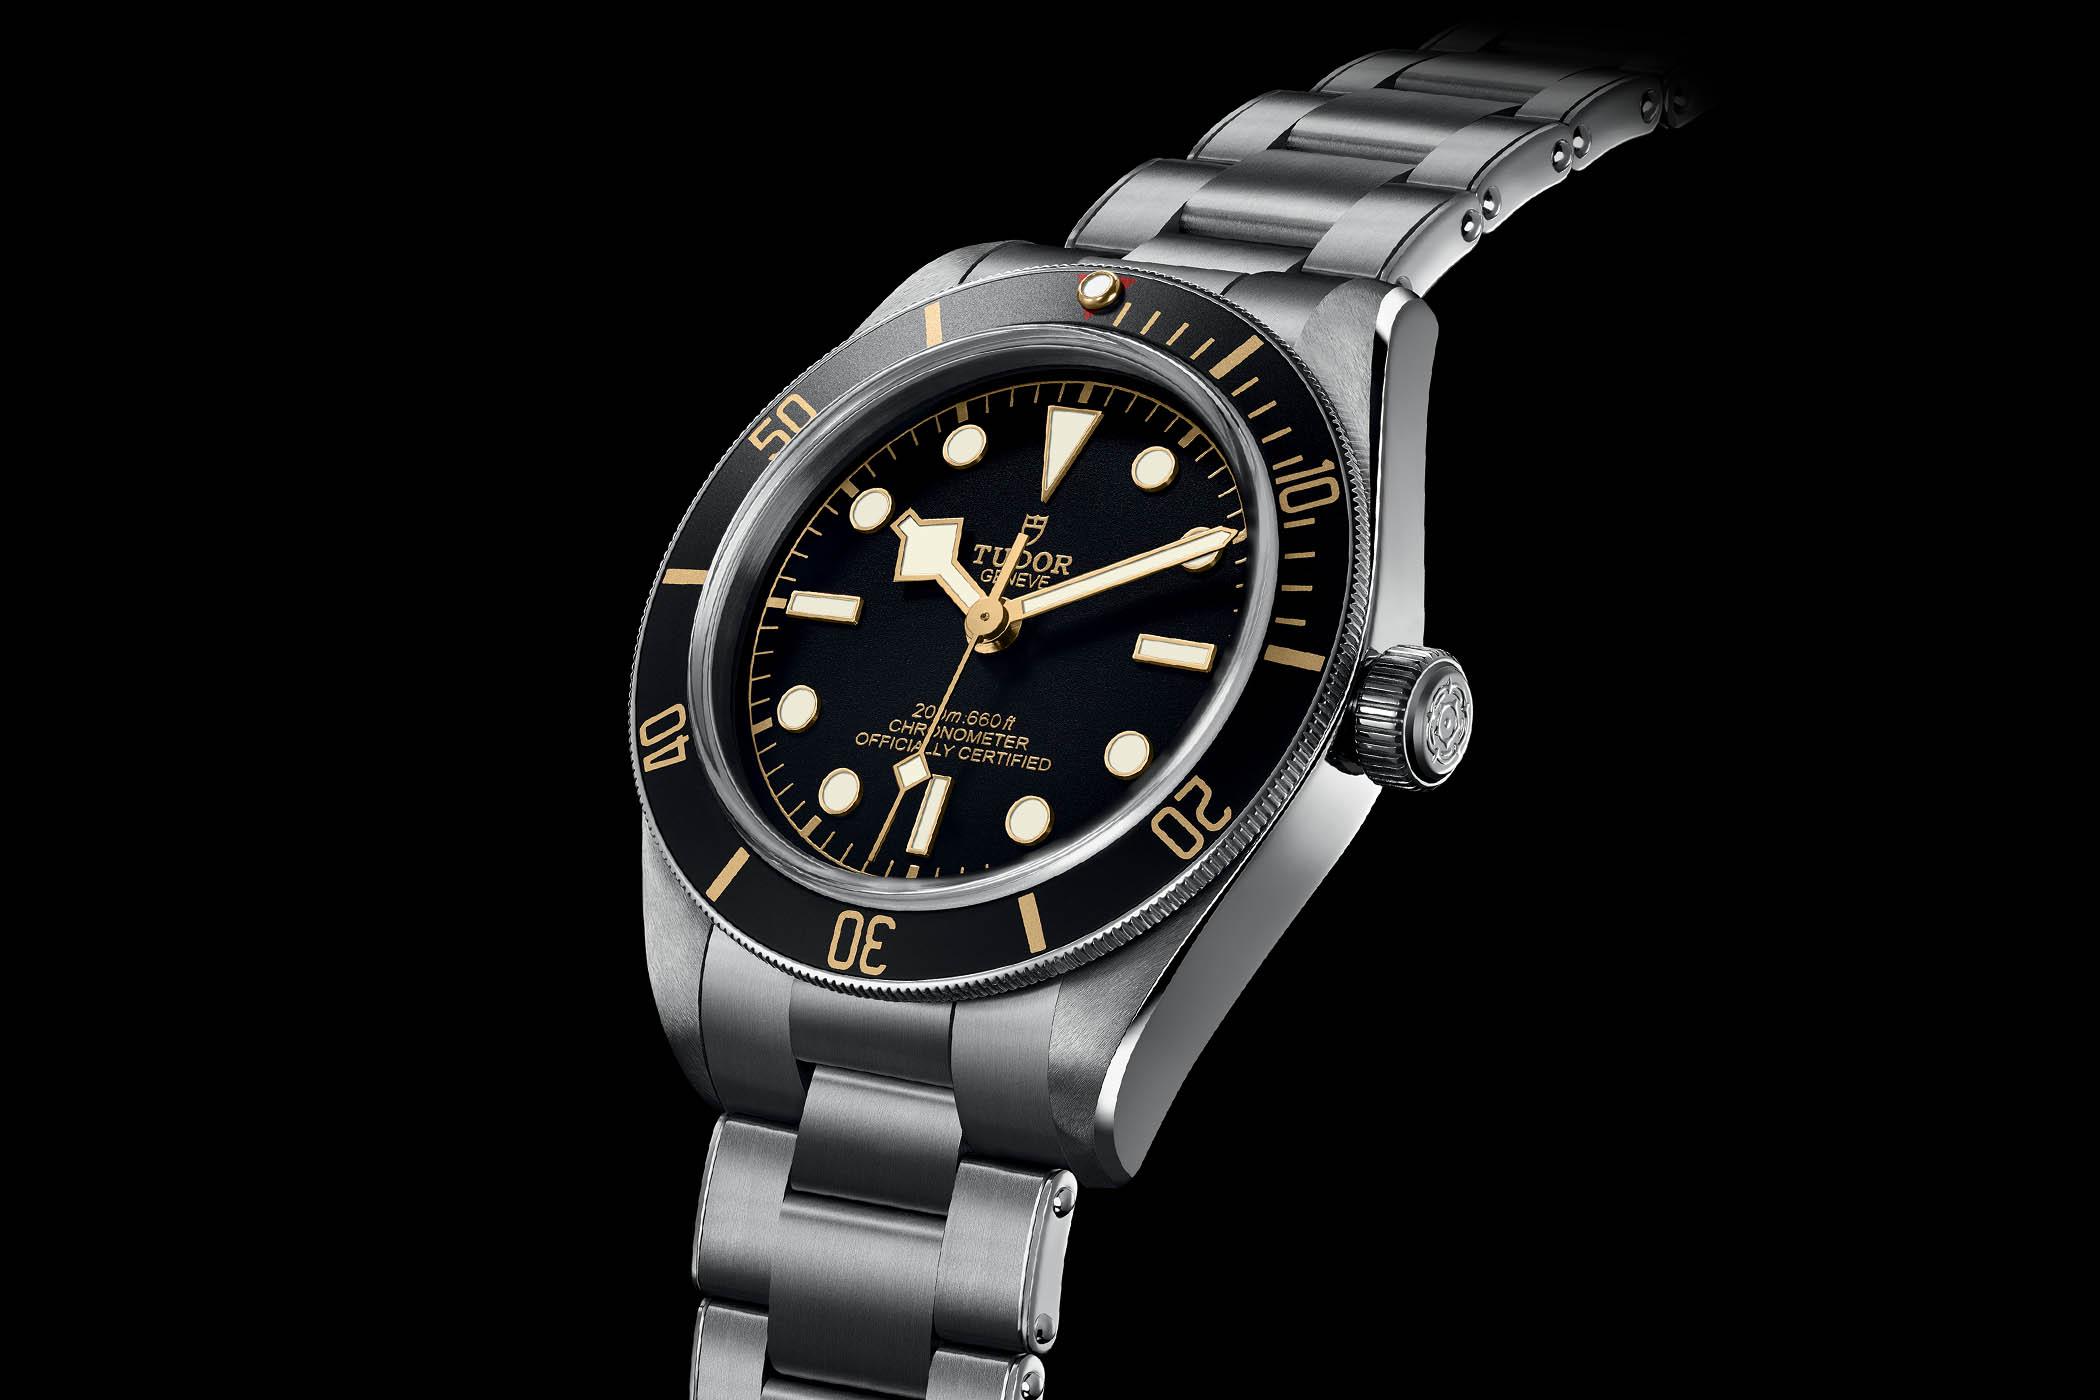 Tudor-Black-Bay-Fifty-Eight-39mm-79030-N